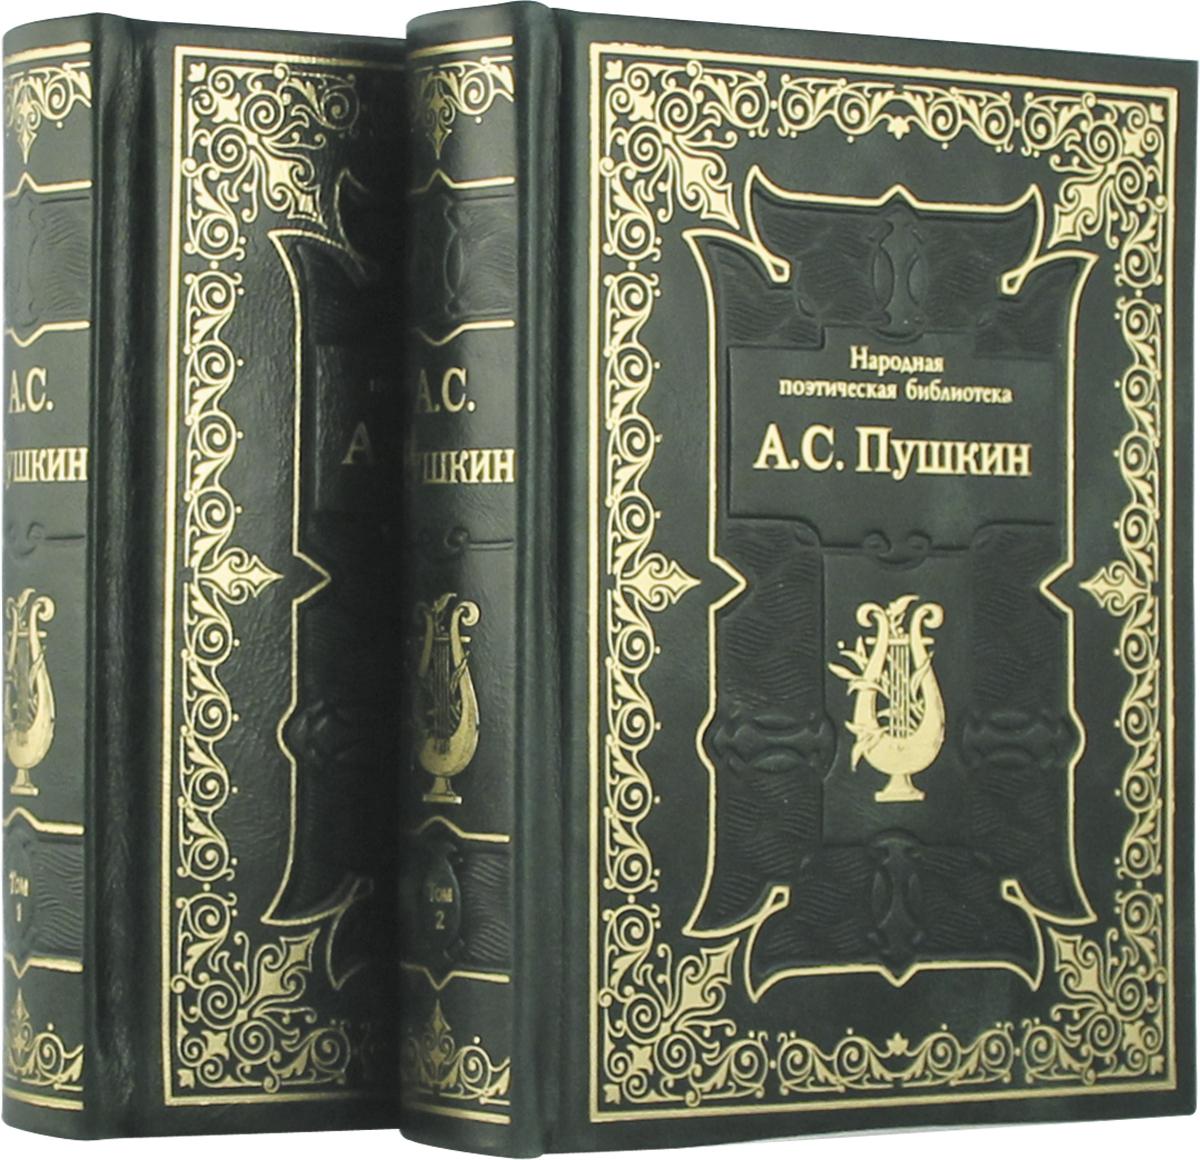 А. С. Пушкин Александр Пушкин. Избранная лирика. В 2 томах (подарочное издание)